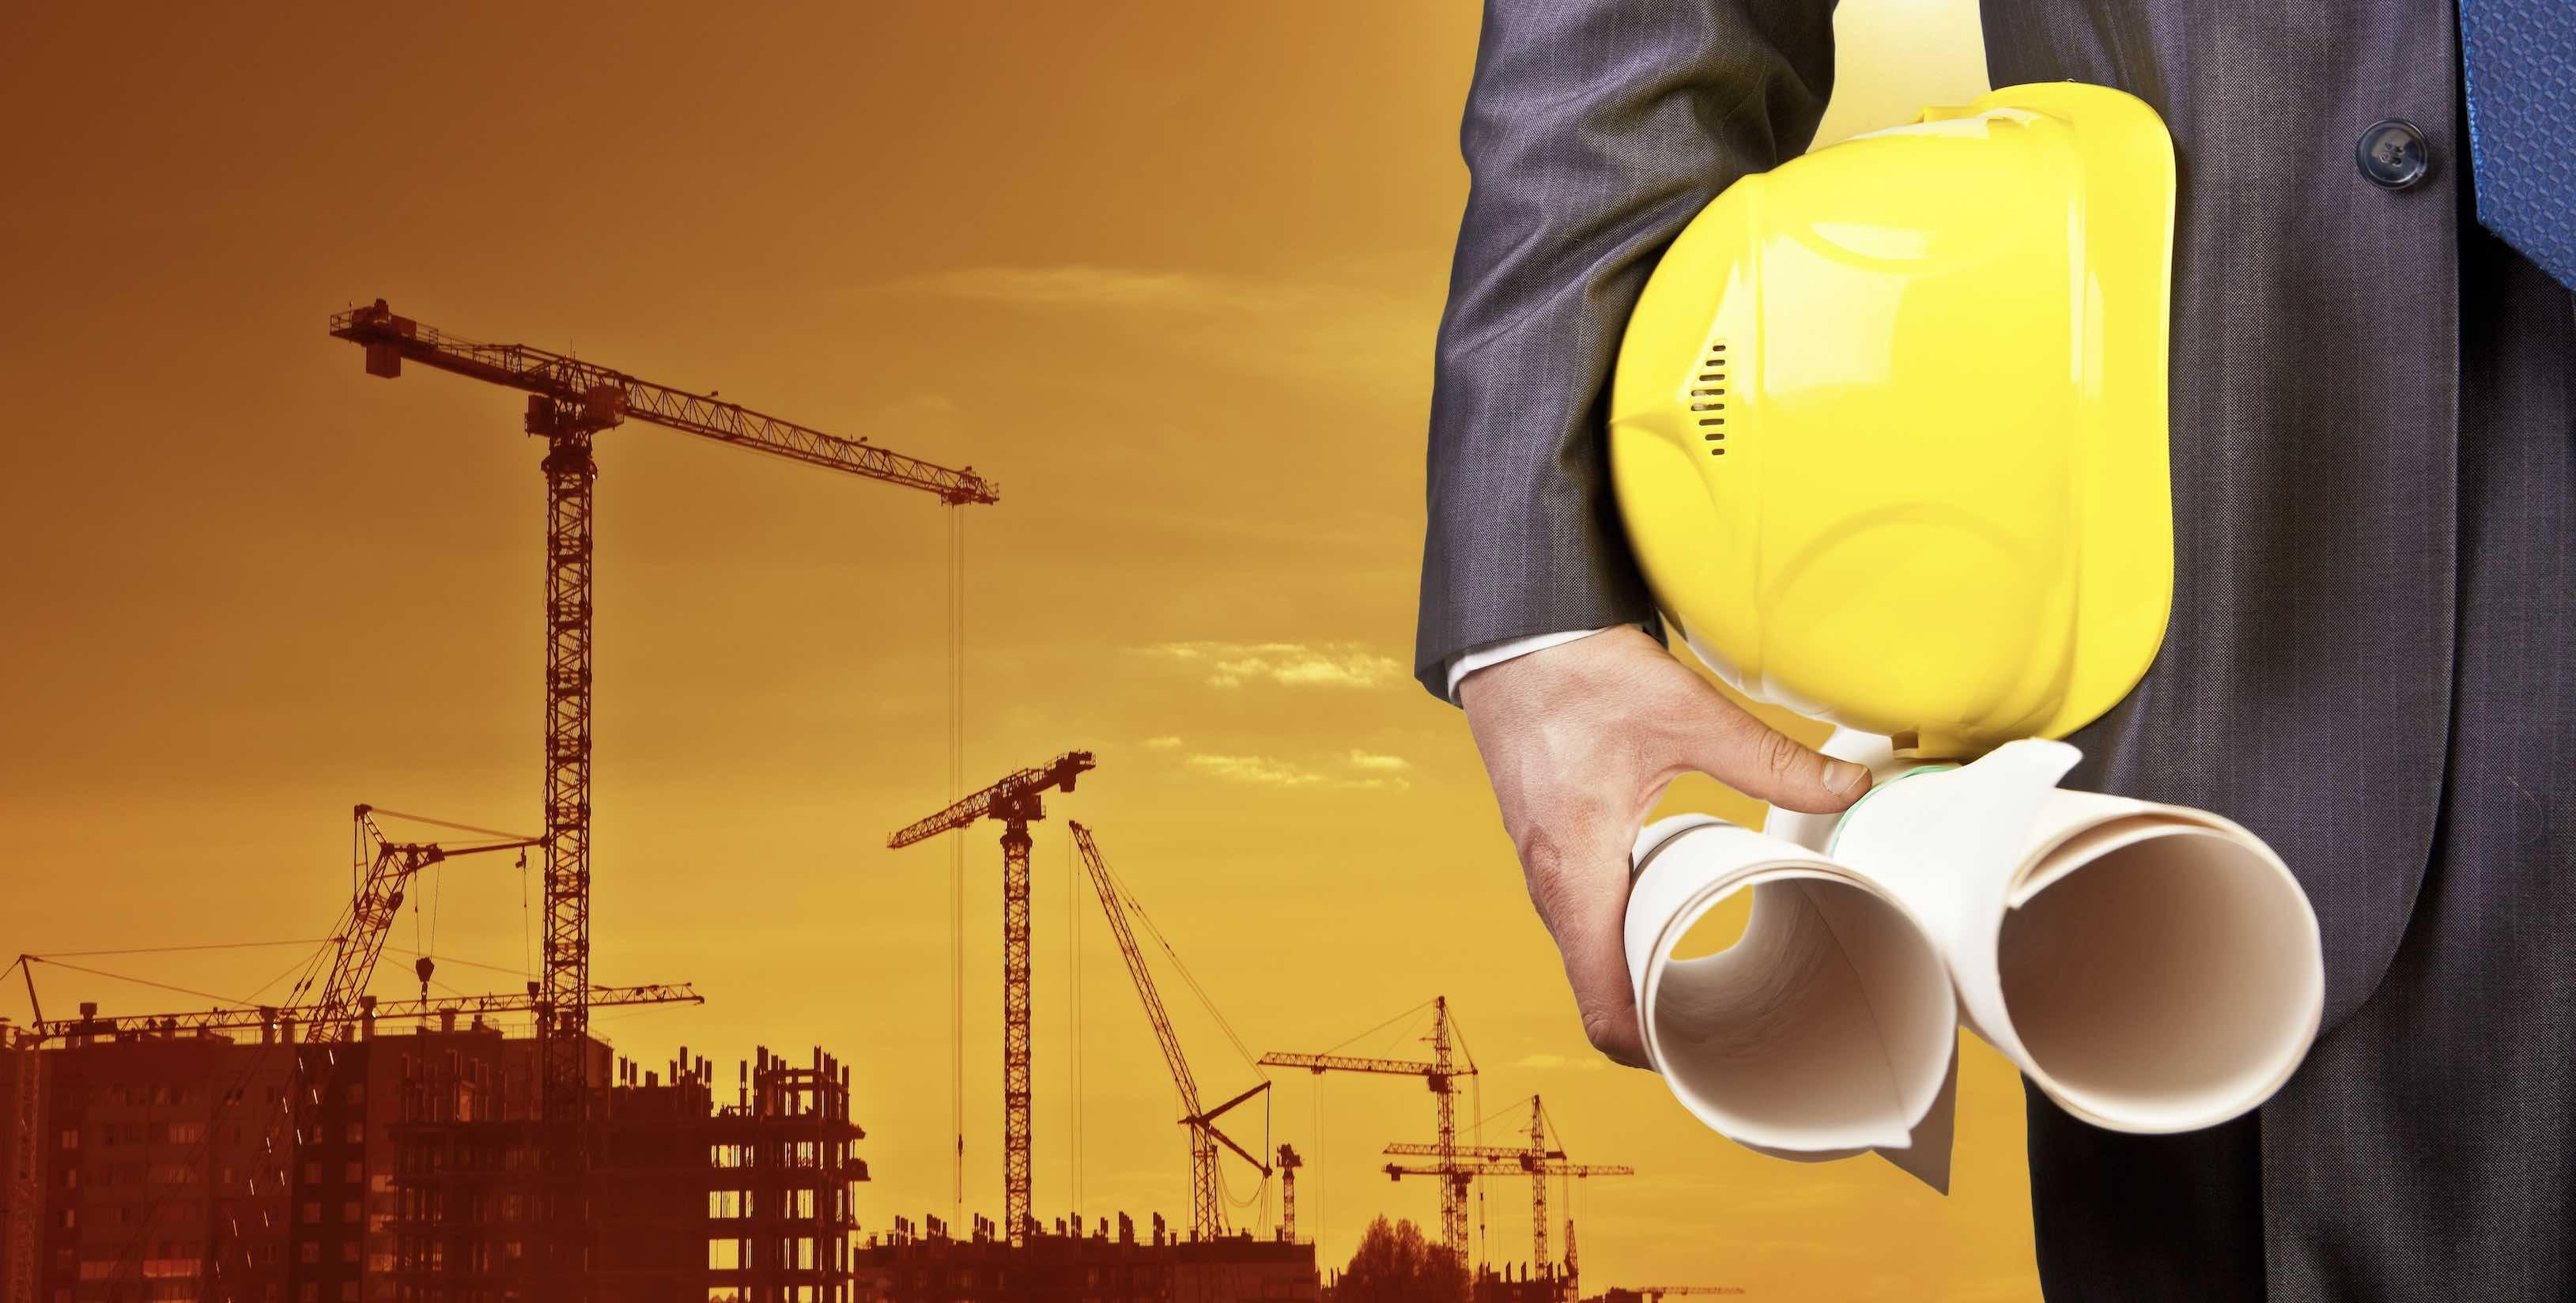 Immobilier neuf : baisse de l'offre et volatilité du marché